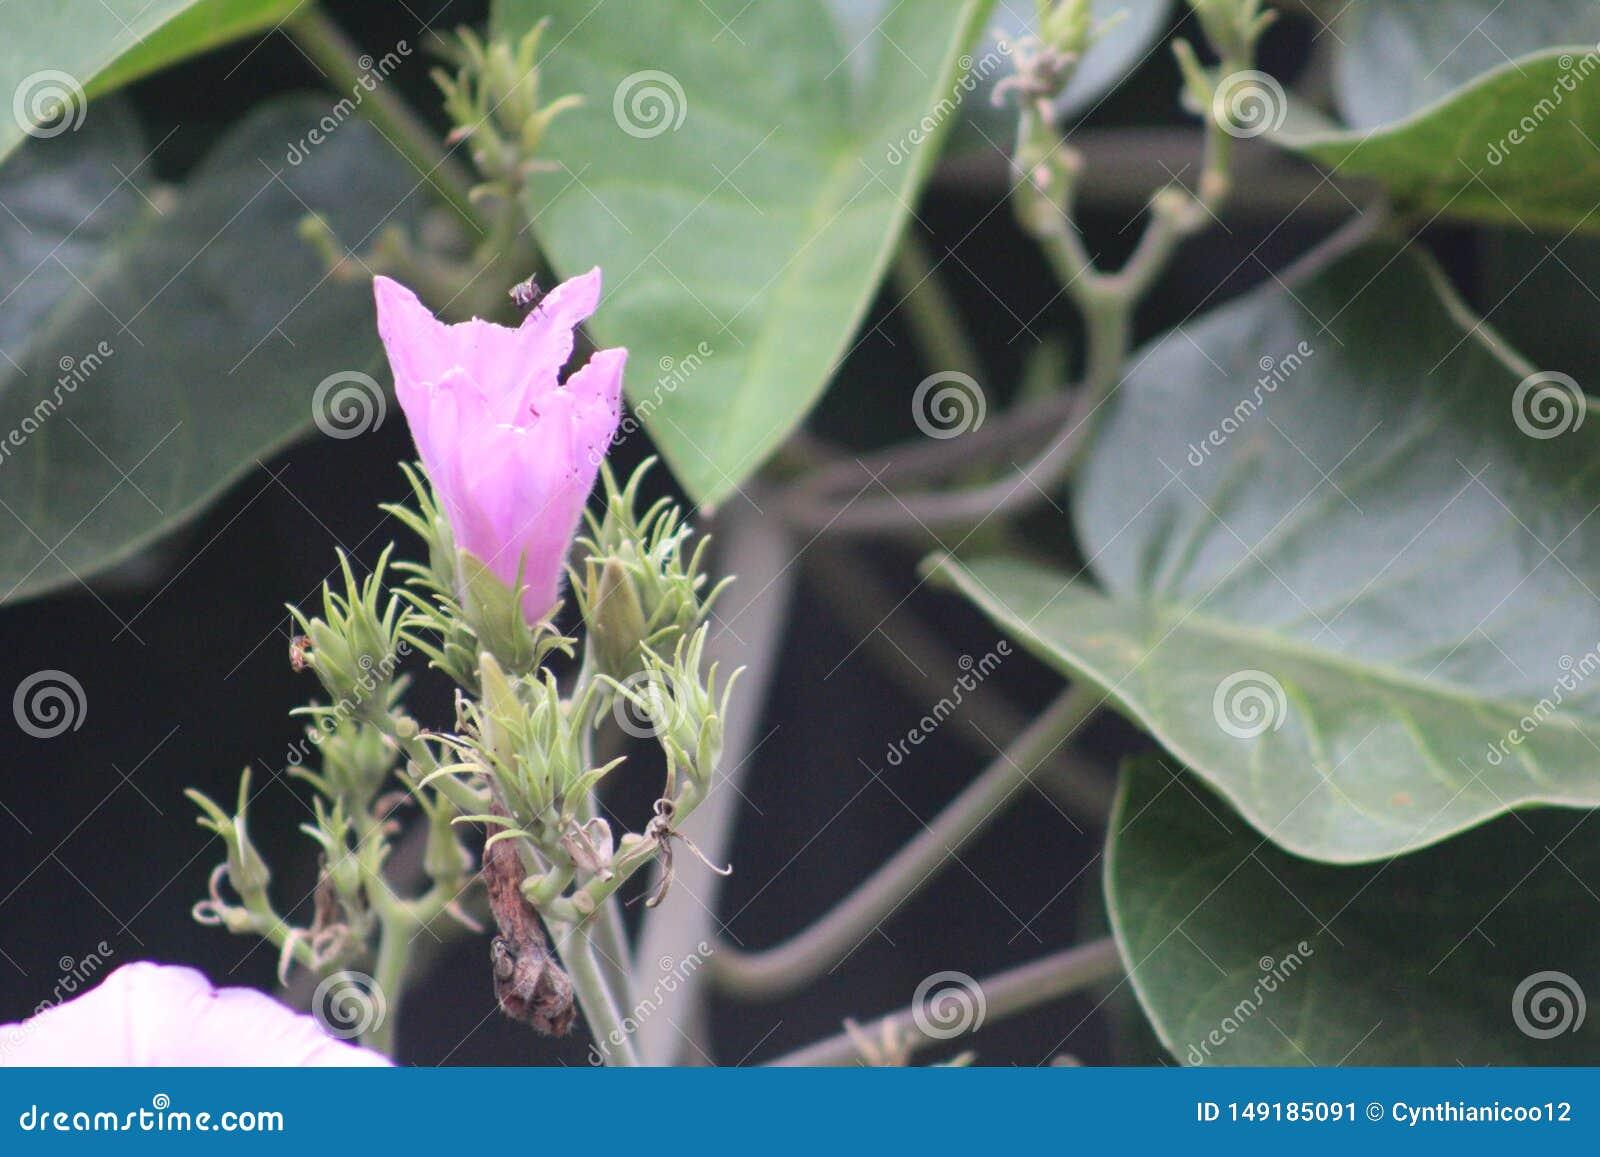 Une plante verte pendant une saison d ?t? caract?ris?e par les fleurs roses